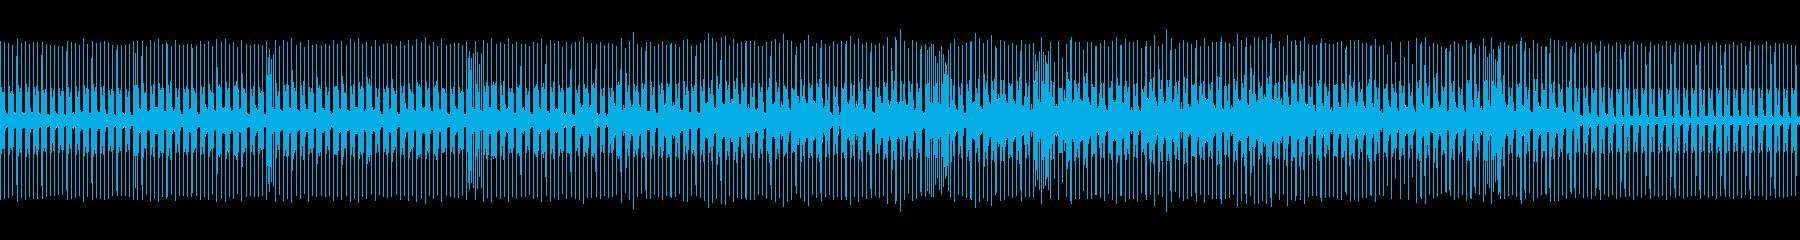 少しアップテンポな曲。遅いハウスの再生済みの波形